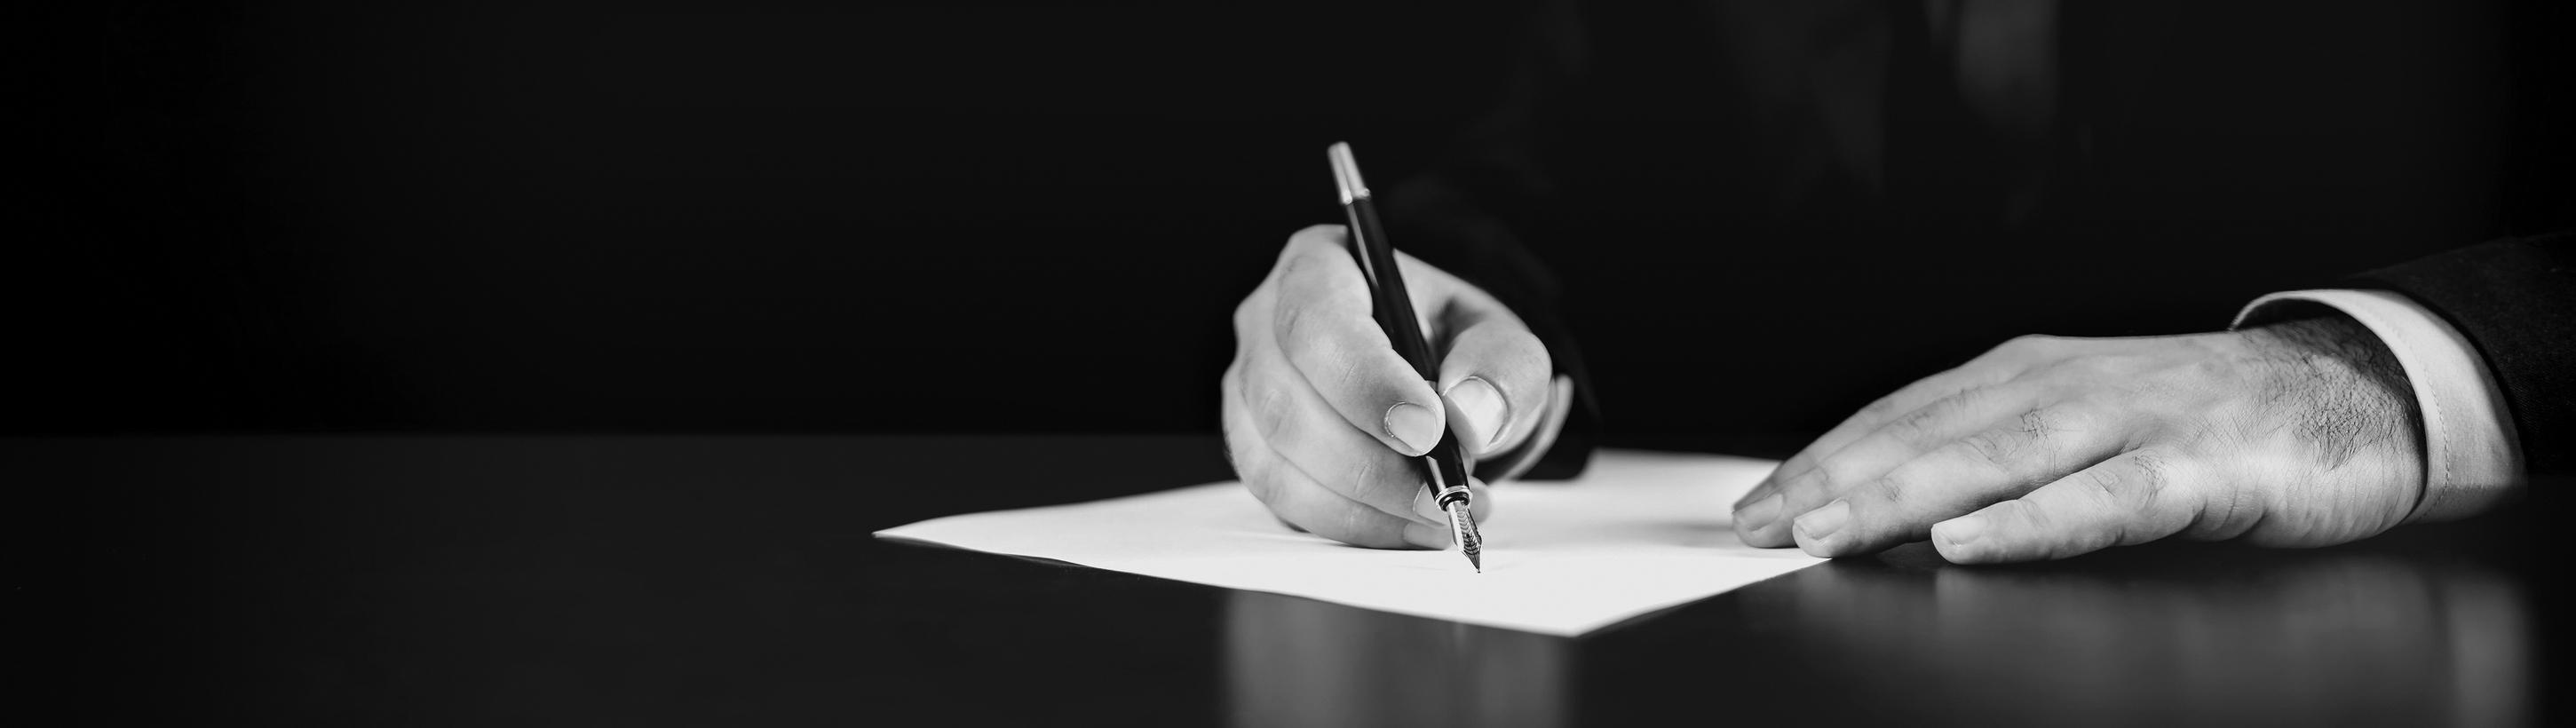 Beantragung einer insolvenzsicheren Garantie - Garantie Elektrogesetz